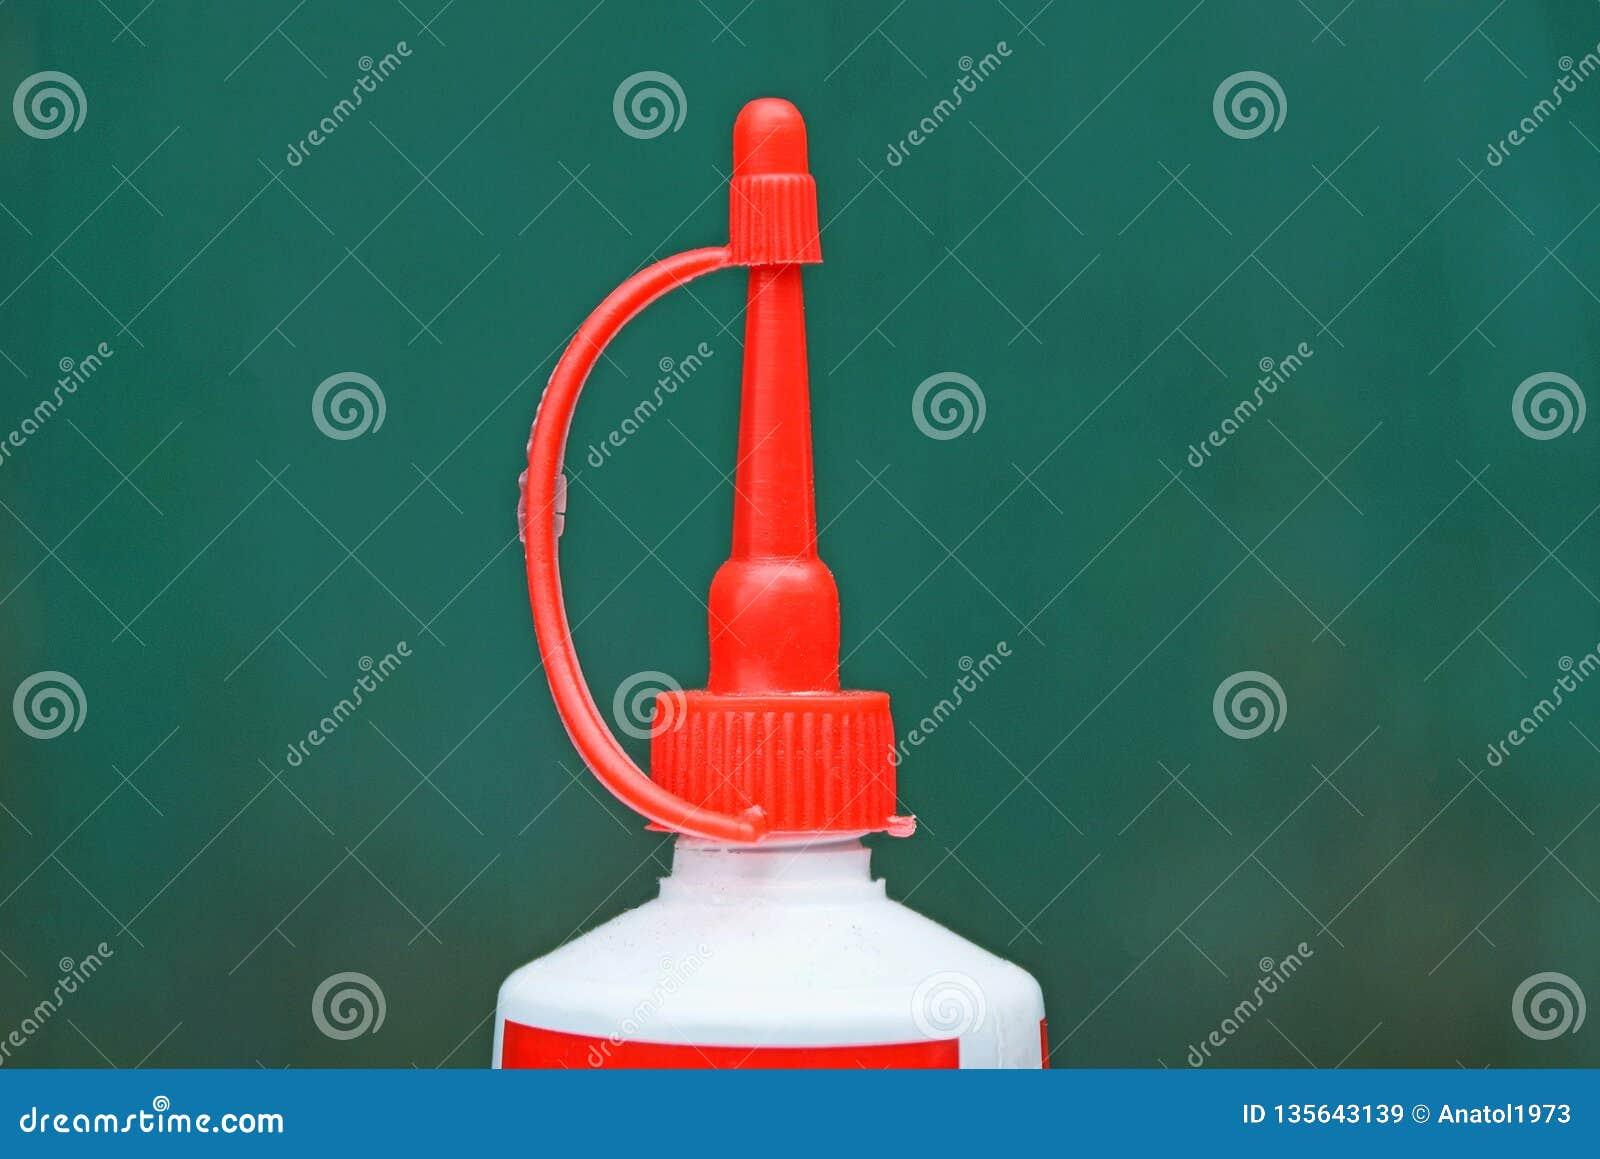 Czerwona tubka zamykał plastikowej tubki na zielonym tle